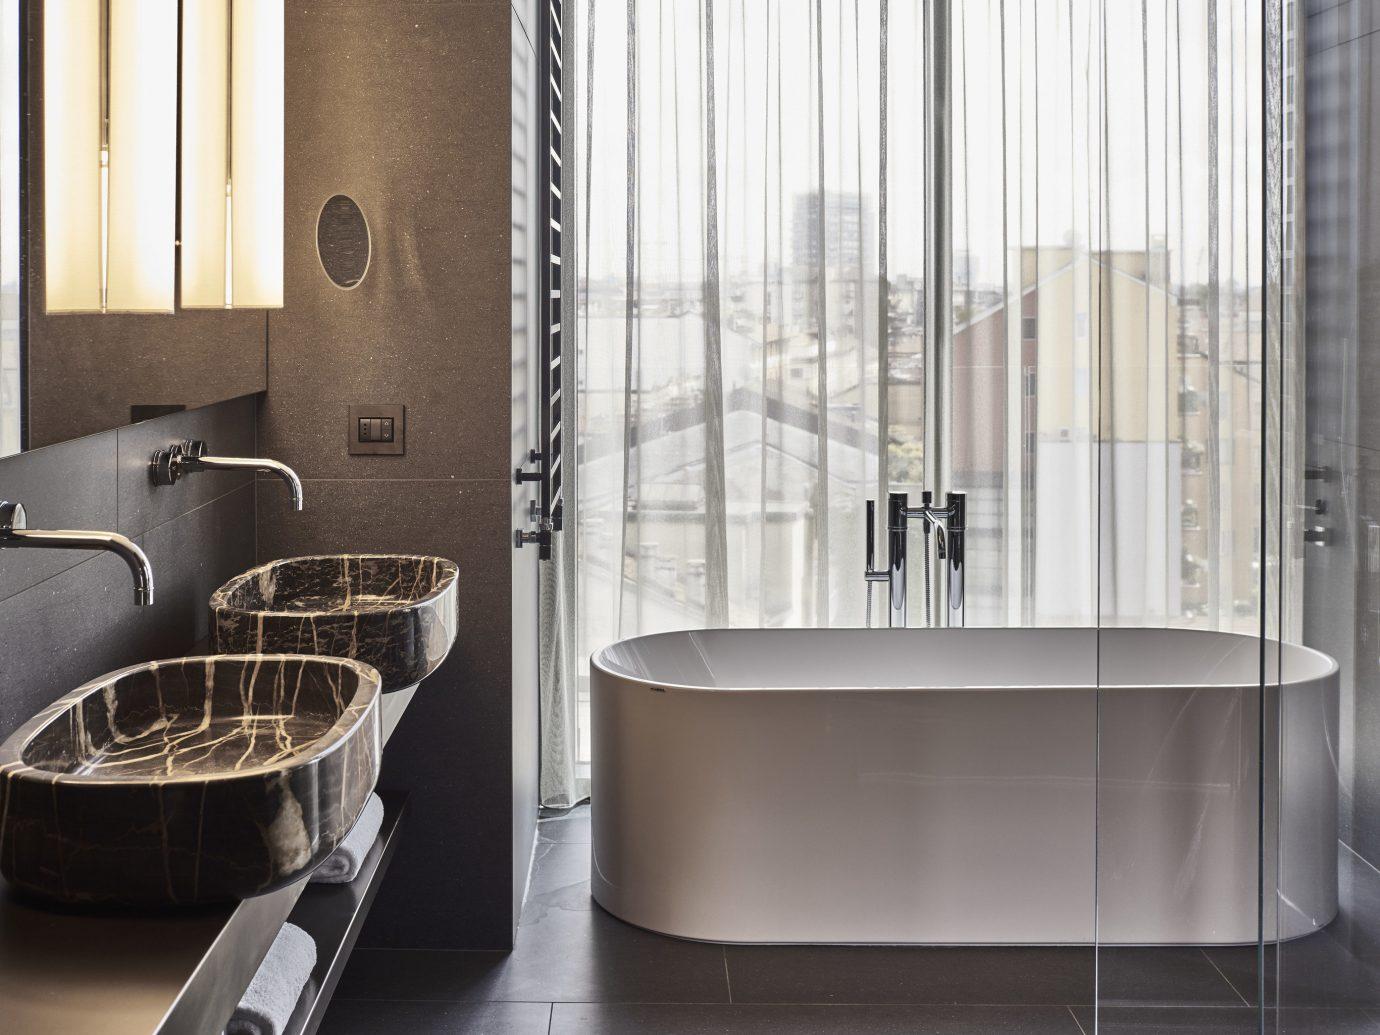 Hotels Italy Milan indoor bathroom room window interior design tap plumbing fixture sink product design floor tile flooring angle interior designer product